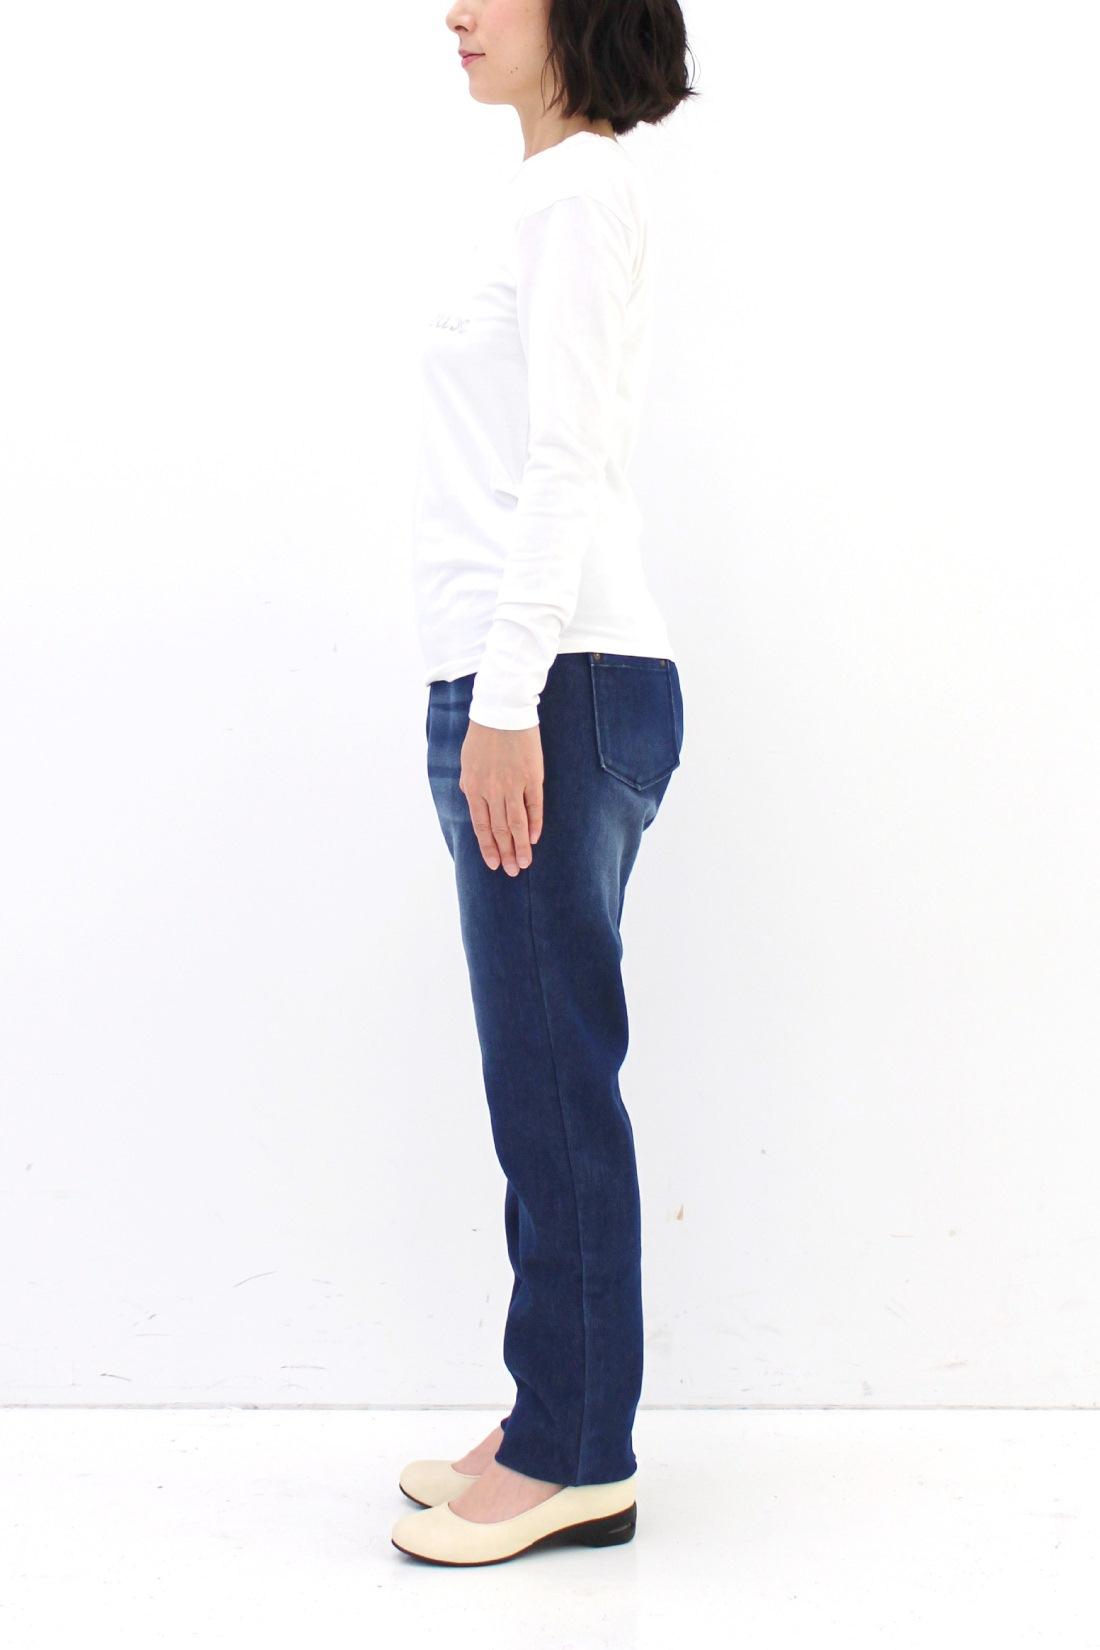 ★身長159cm・6サイズ(M)着用